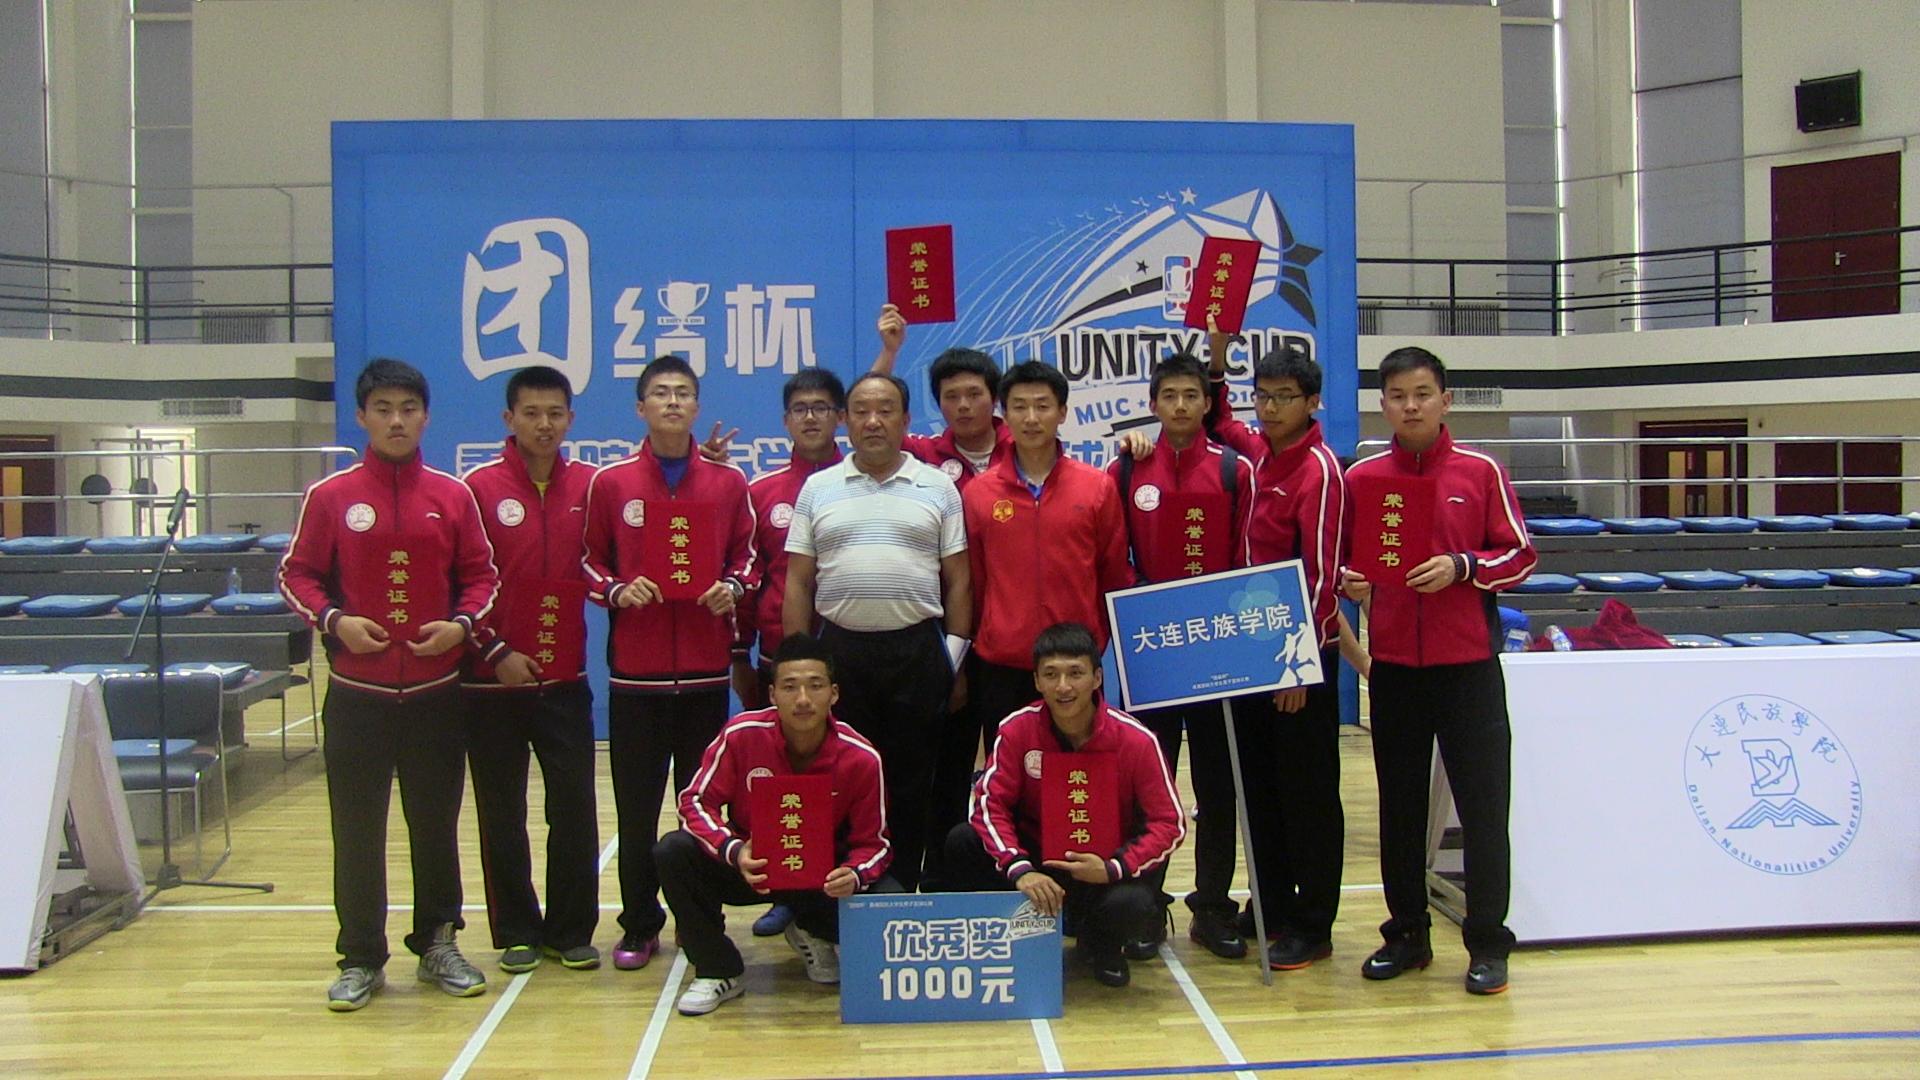 西北民族大学/西北民族大学篮球队,最终获得了本次赛事的优秀奖。